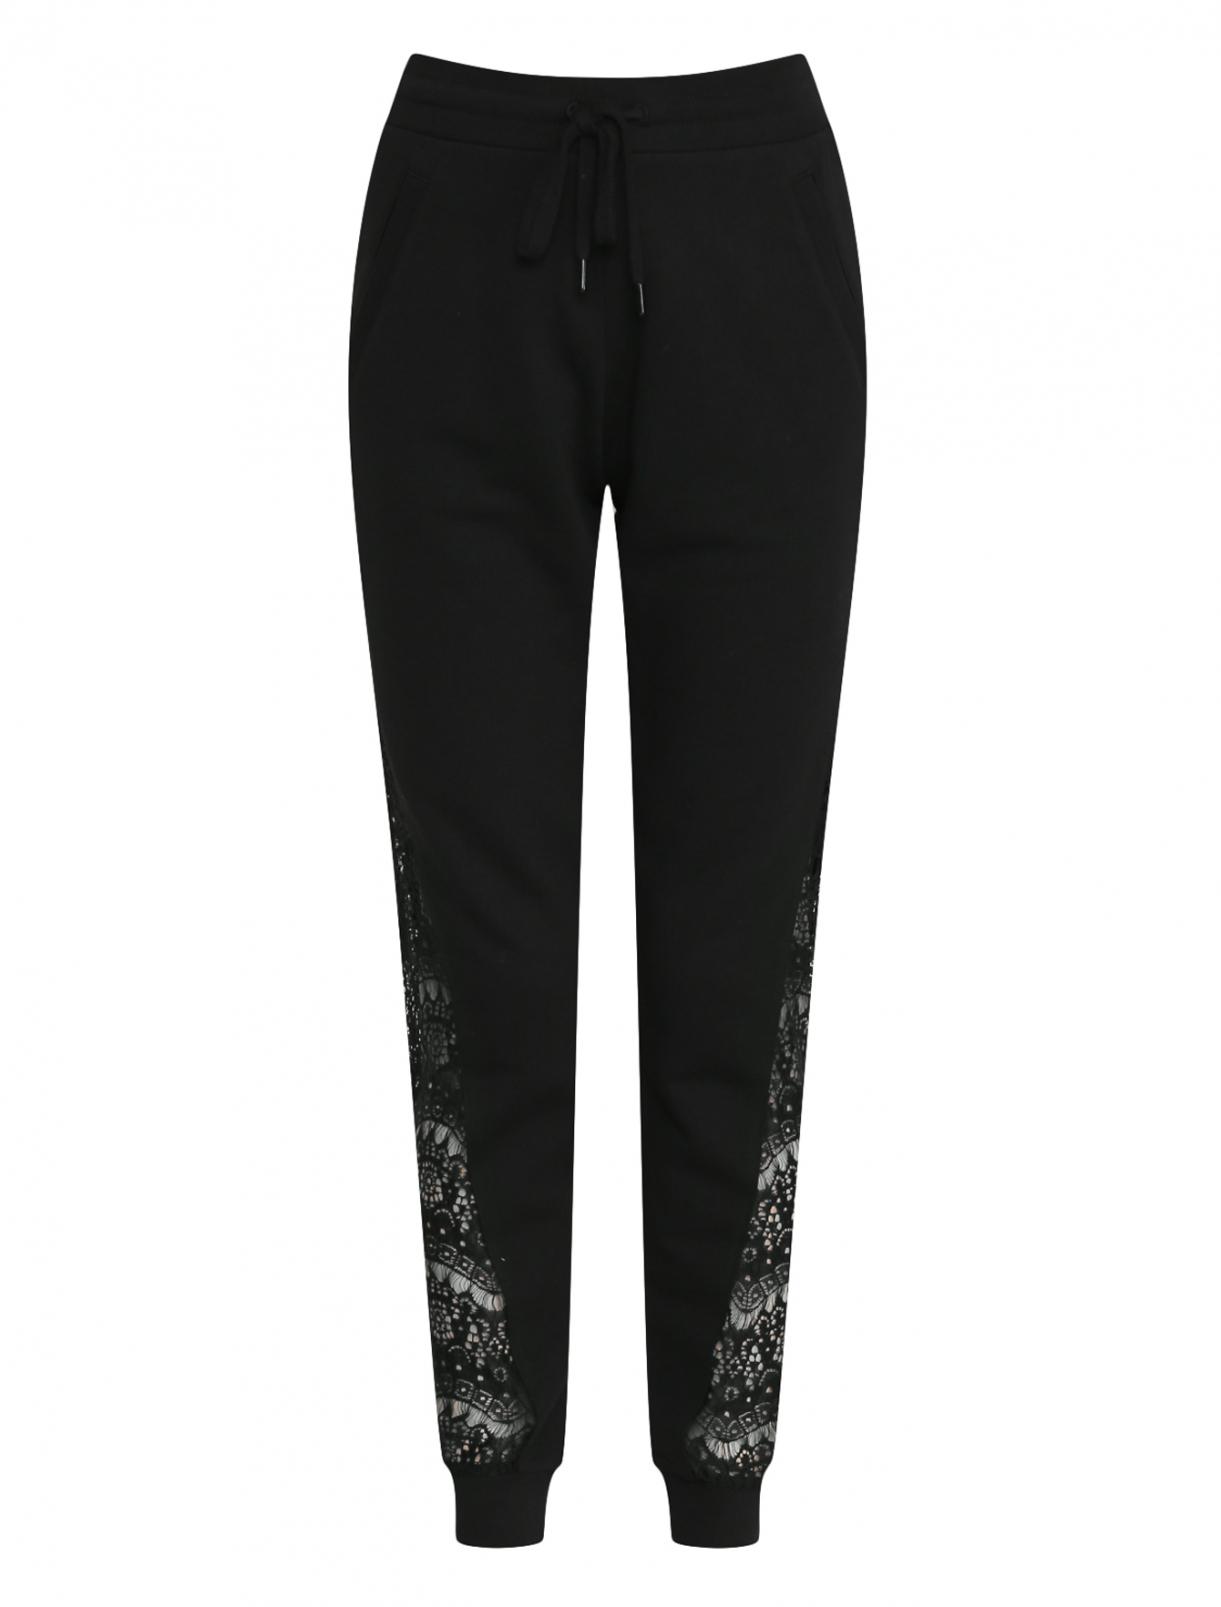 Хлопковые спортивные брюки с кружевными аппликациями Love Moschino  –  Общий вид